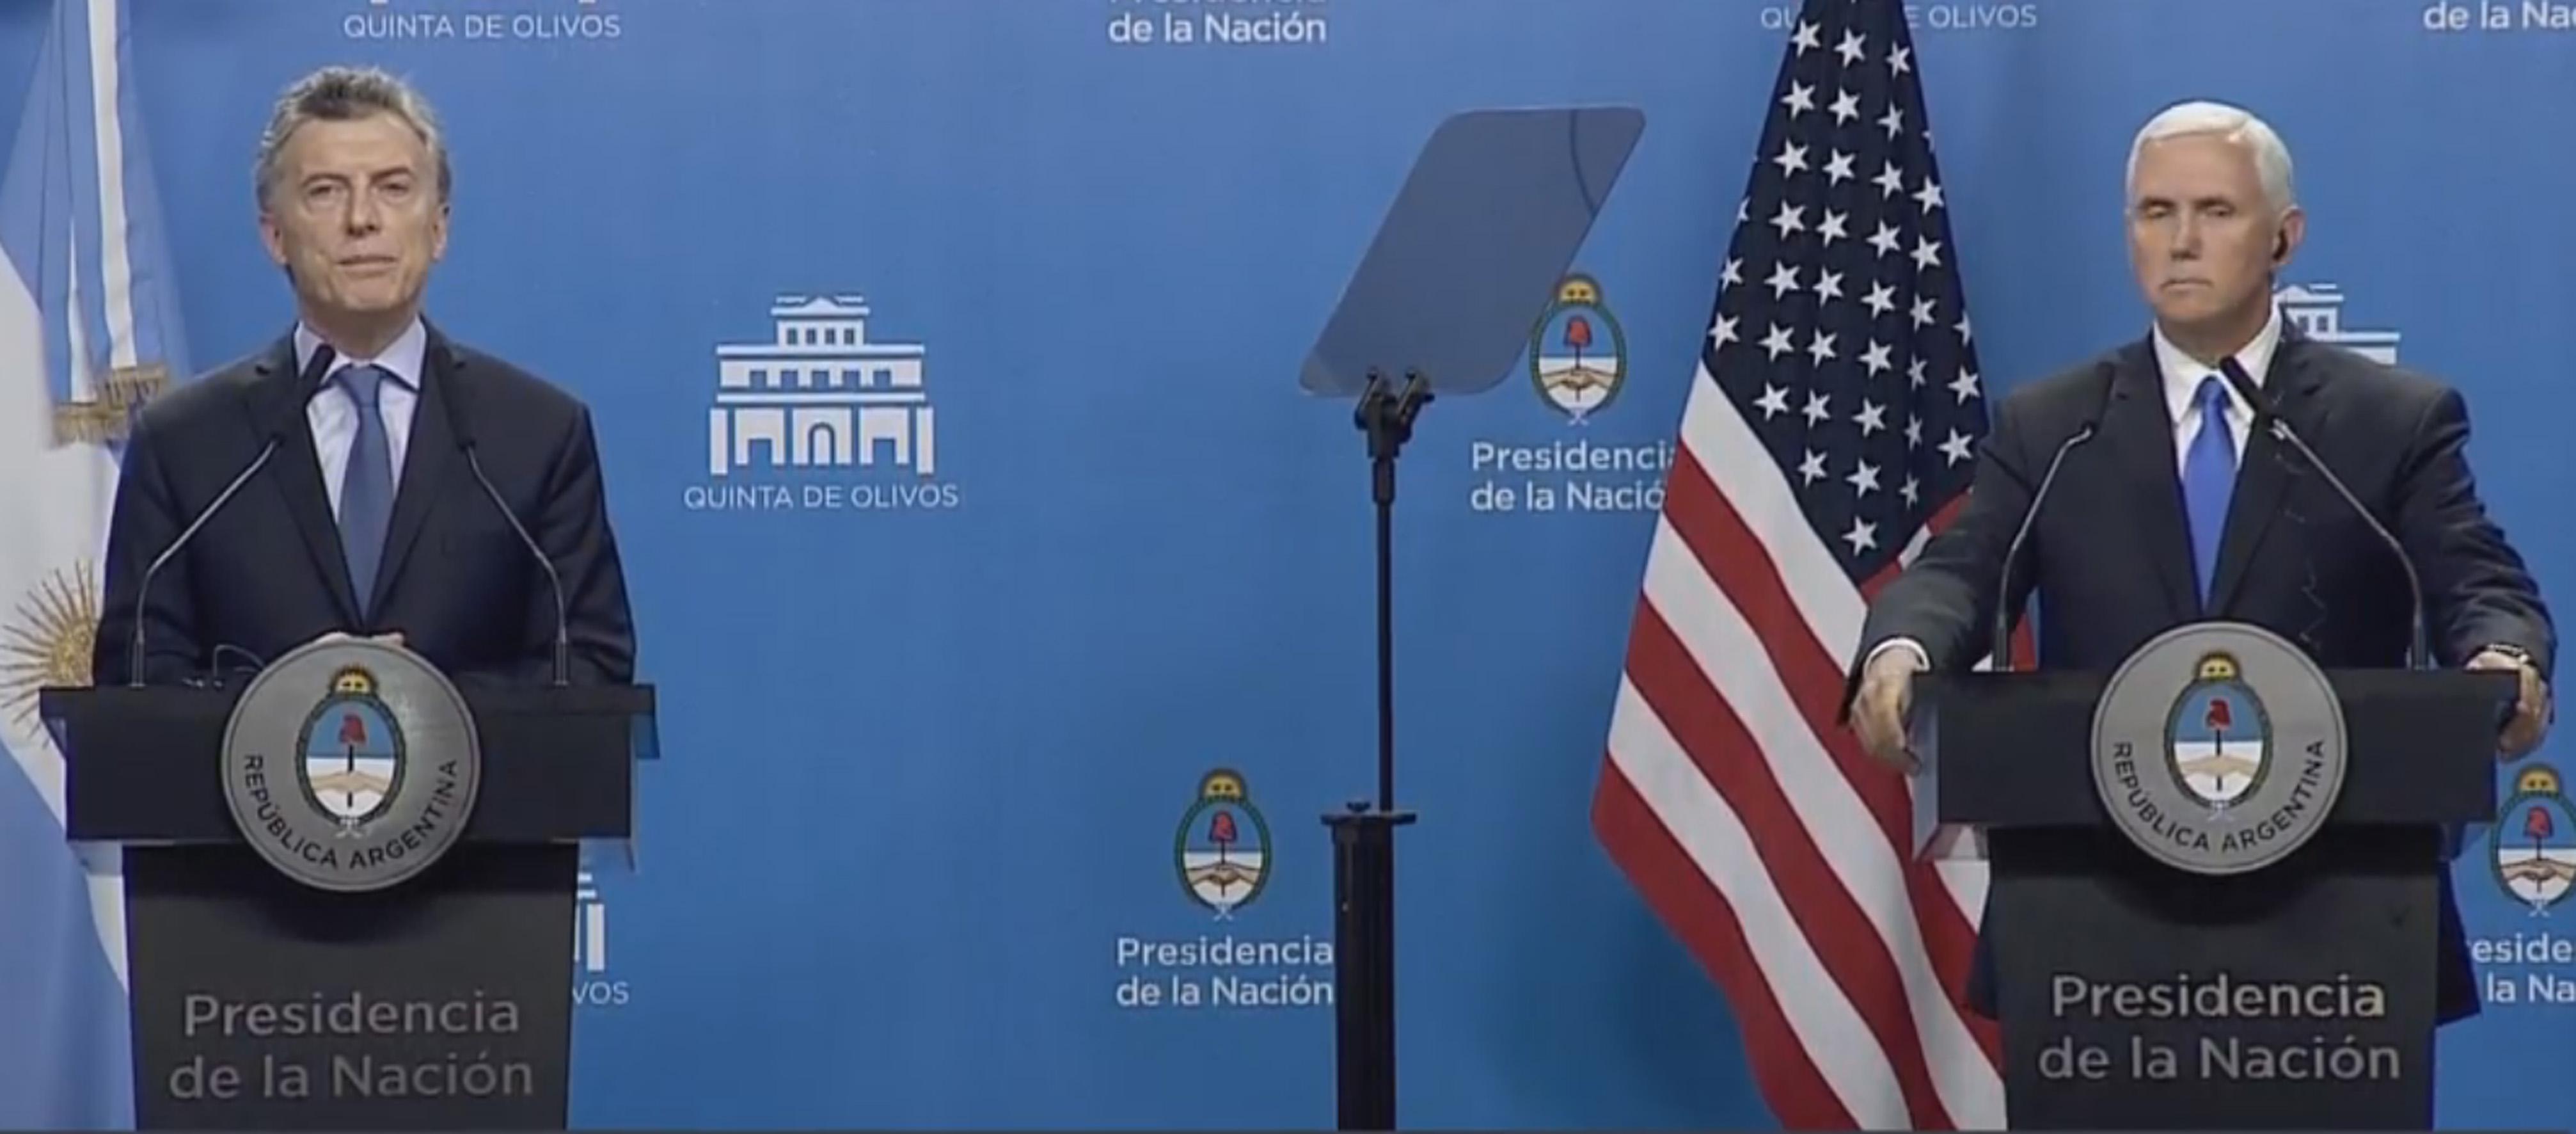 Conferencia de prensa del presidente Mauricio Macri y el vicepresidente de Estados Unidos, Mike Pence.